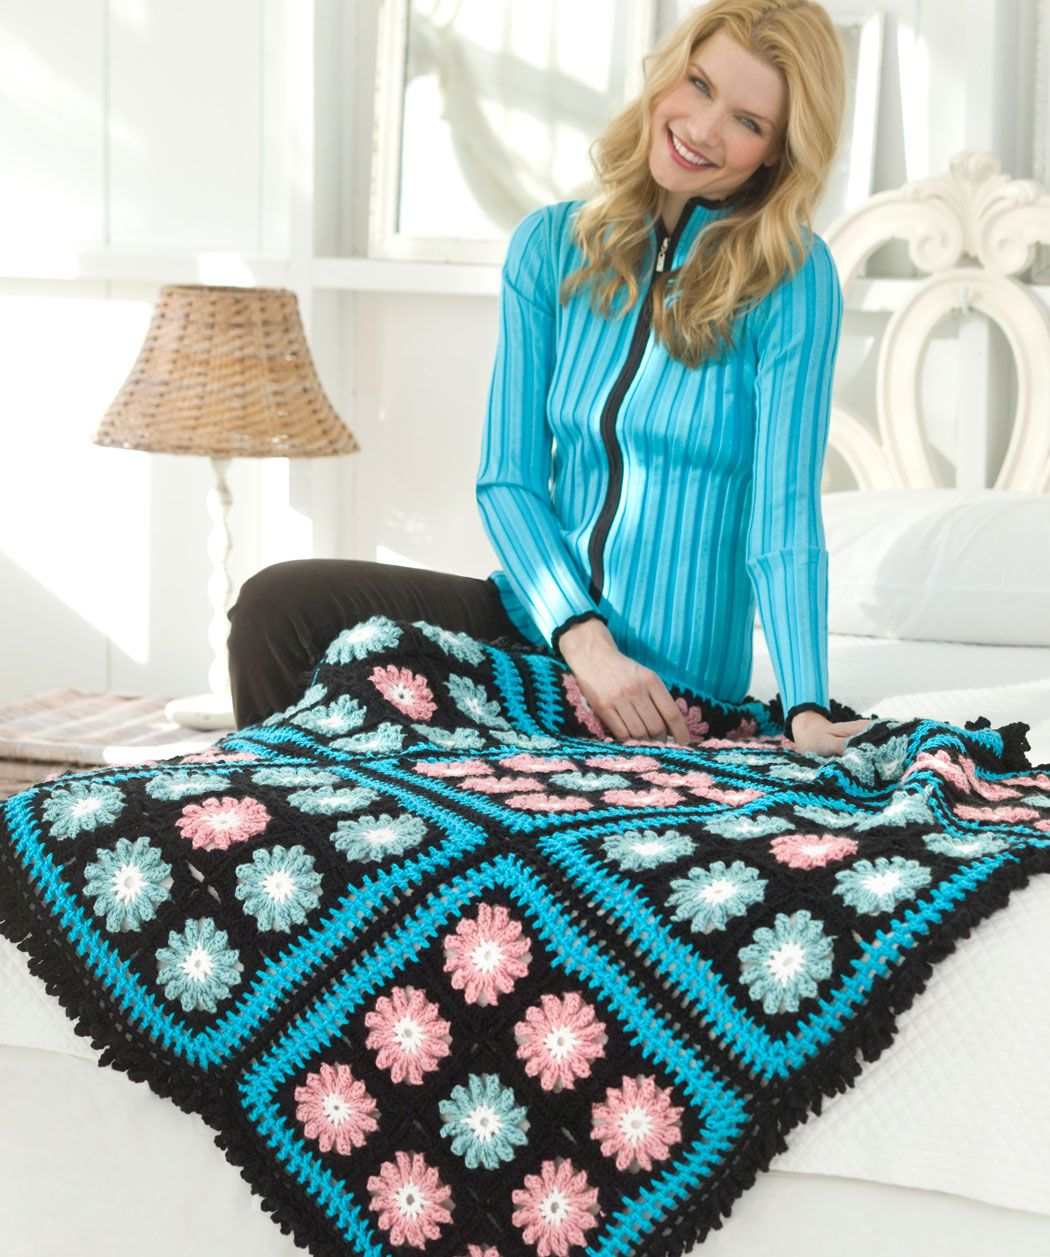 h kle eine sch ne decke die aussieht wie ein blumengarten f r dein zuhause in diesen farben. Black Bedroom Furniture Sets. Home Design Ideas